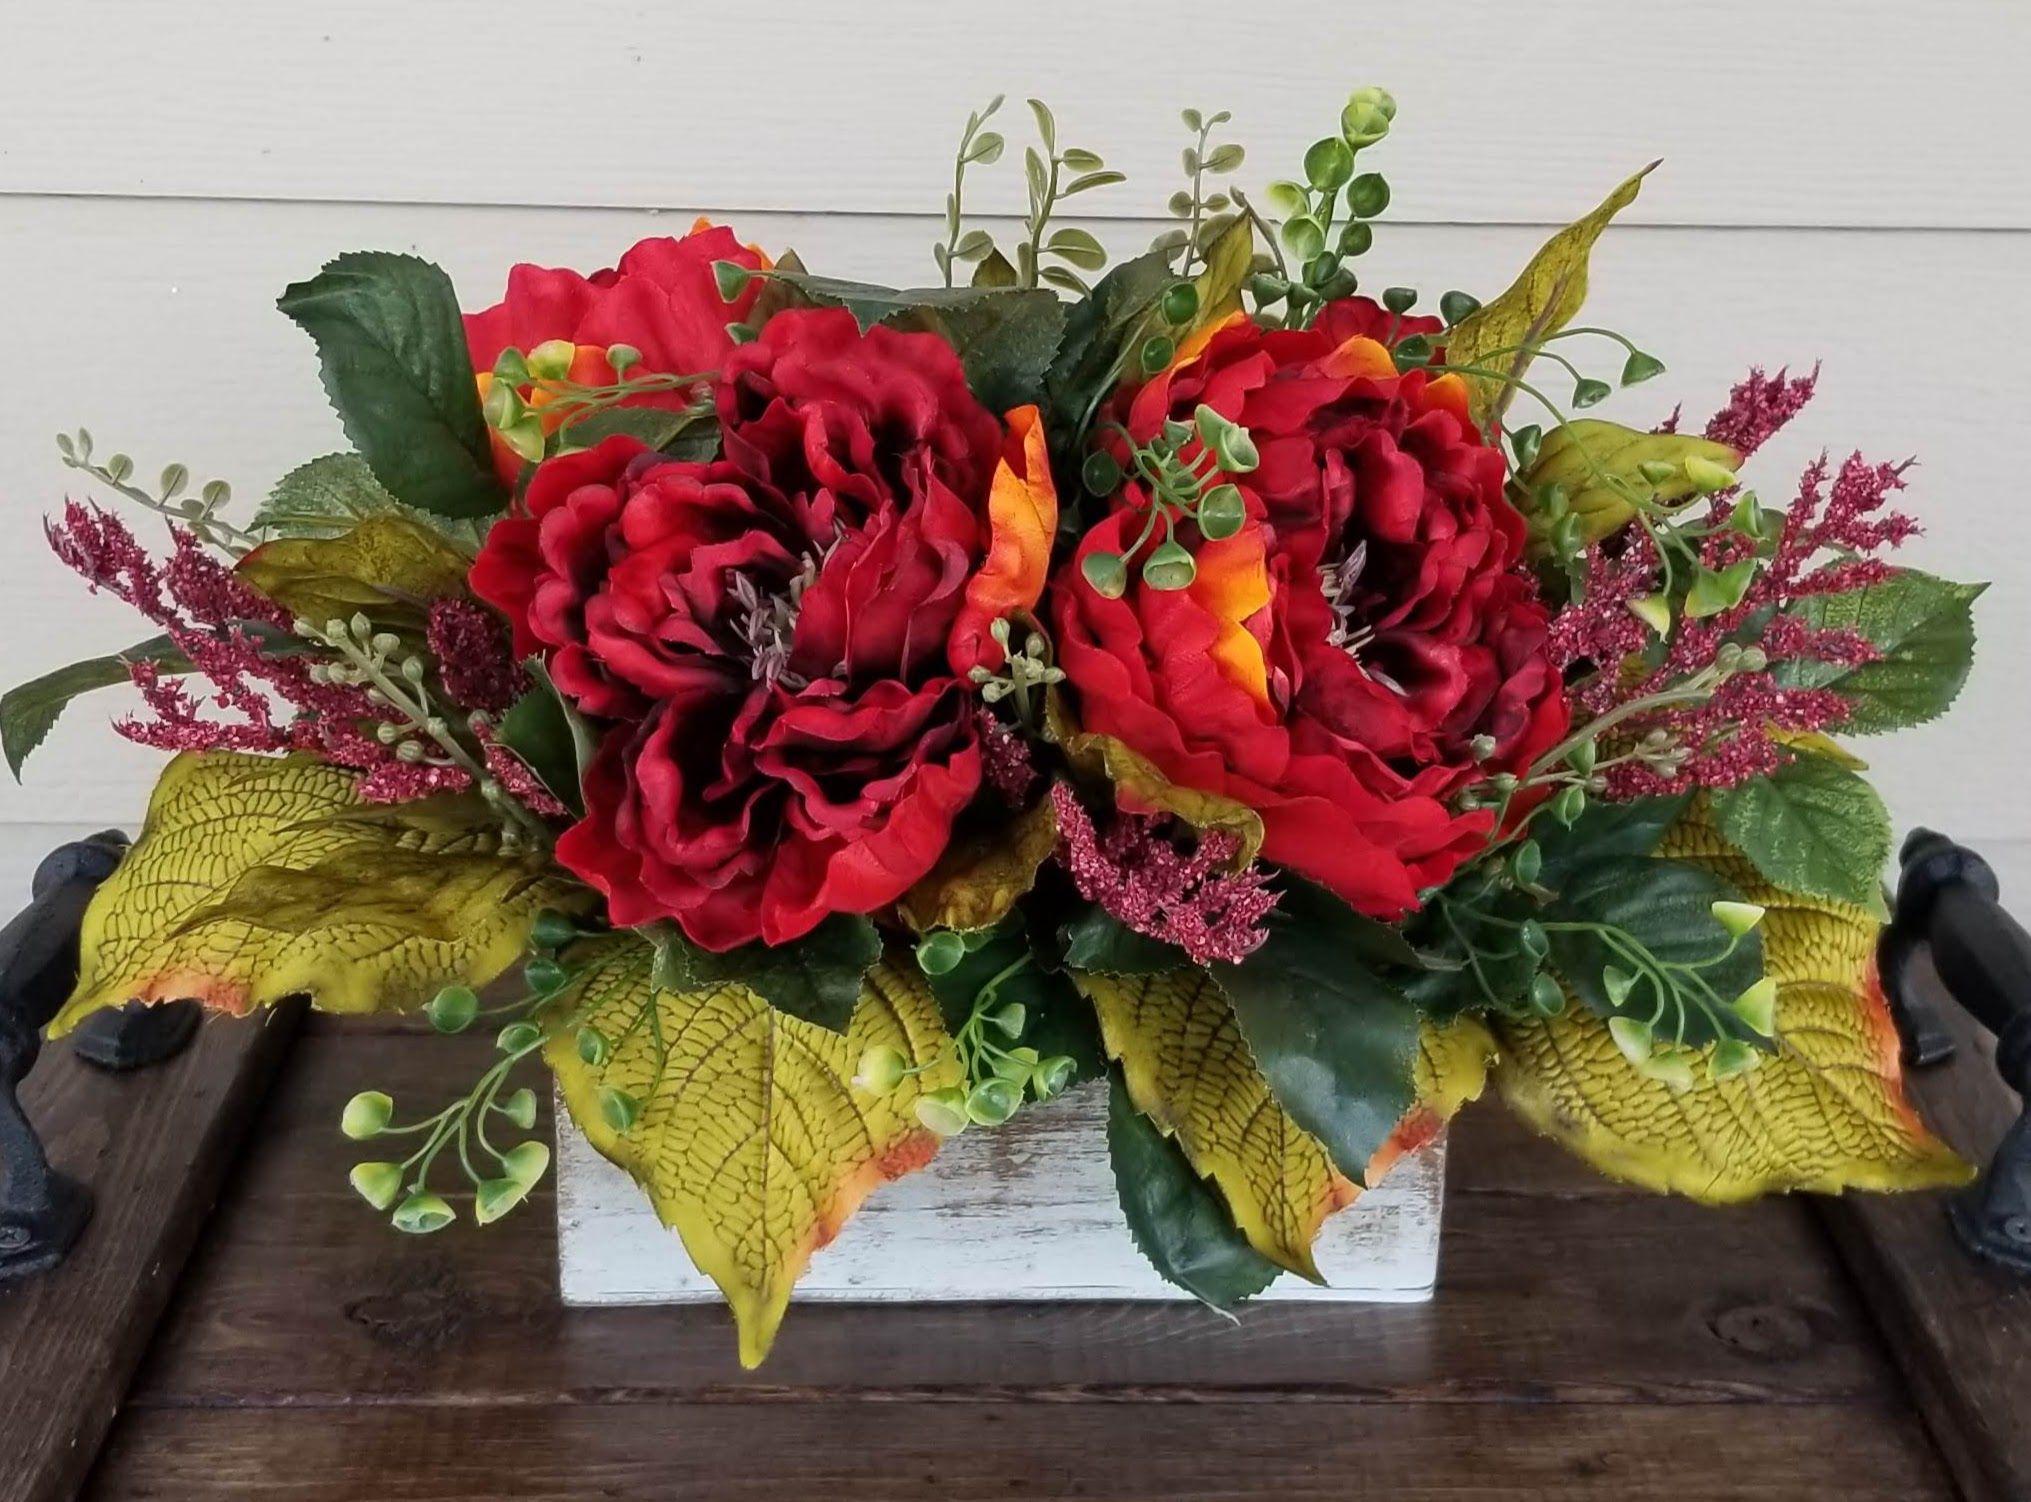 rustic farmhouse floral arrangements